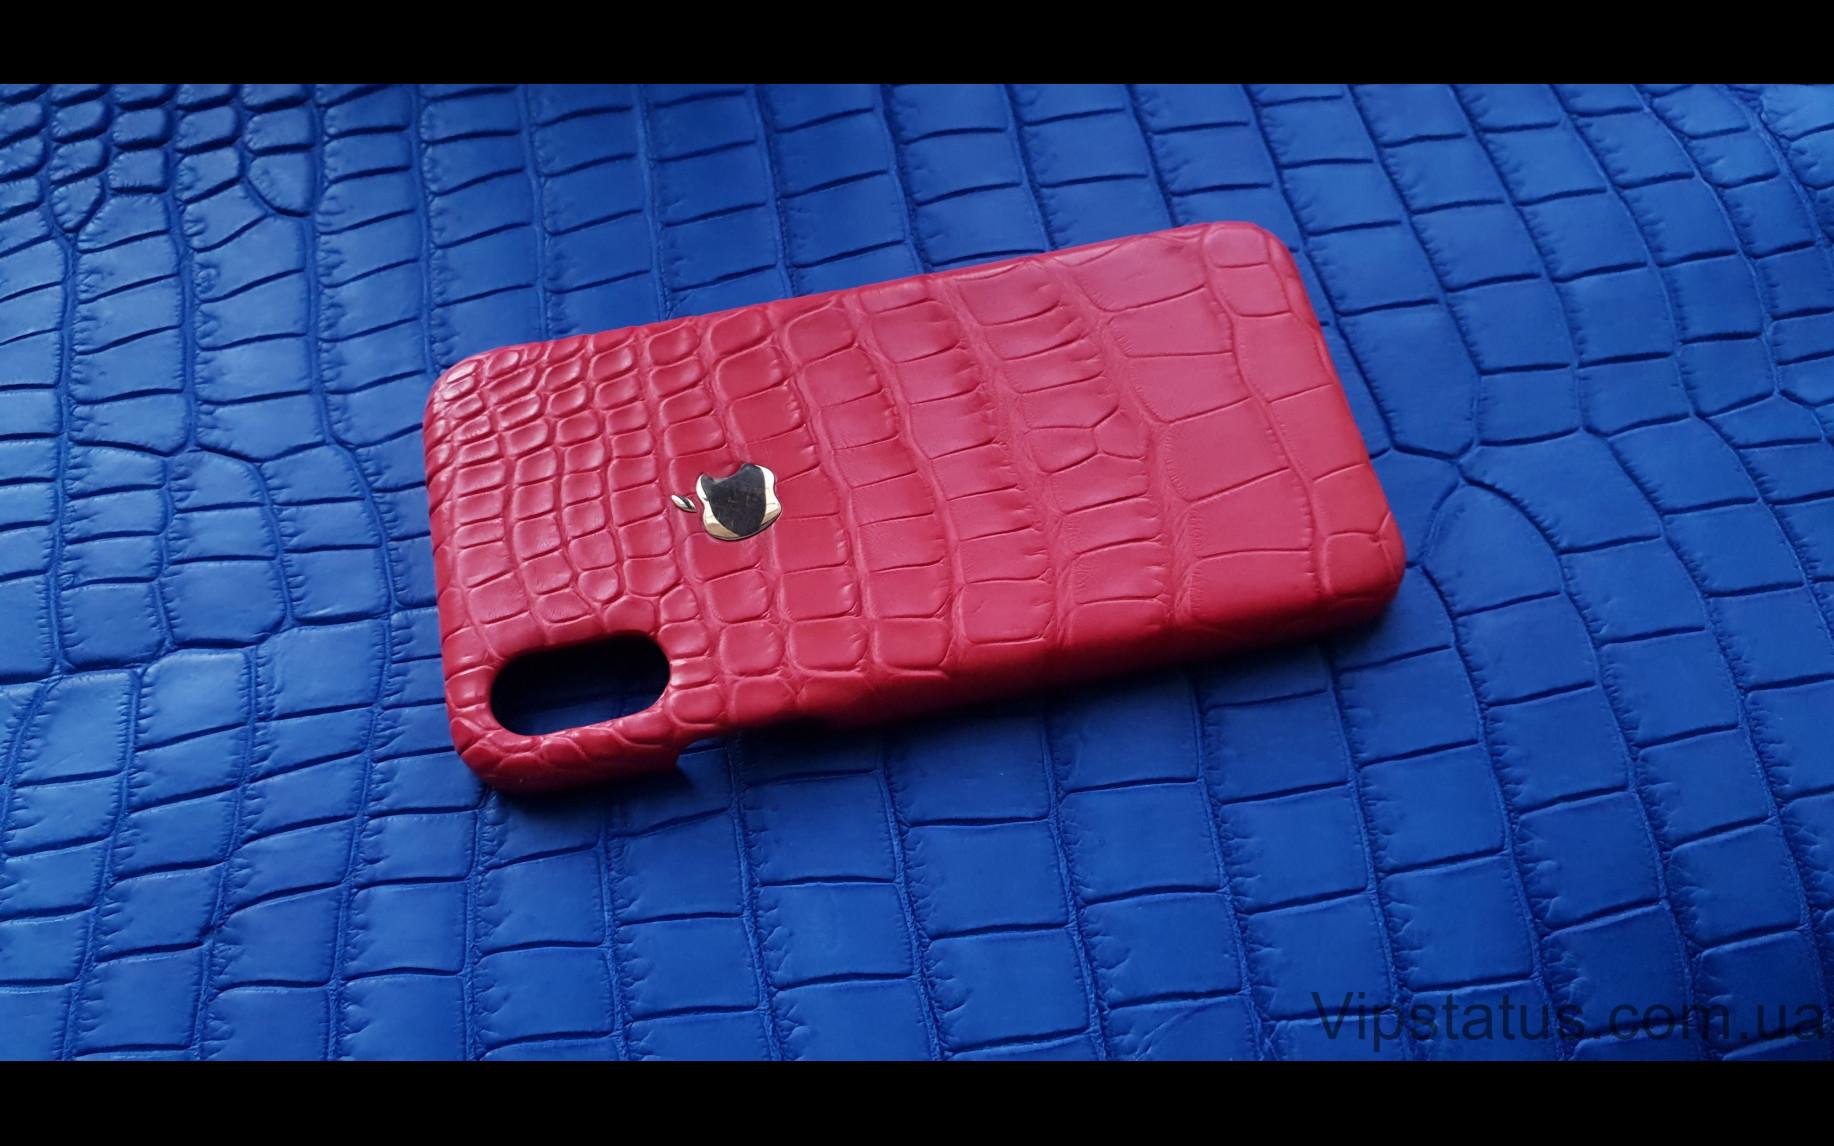 Elite Gold Apple Люксовый чехол IPhone X XS кожа крокодила Gold Apple Luxury case IPhone X XS Crocodile leather image 1